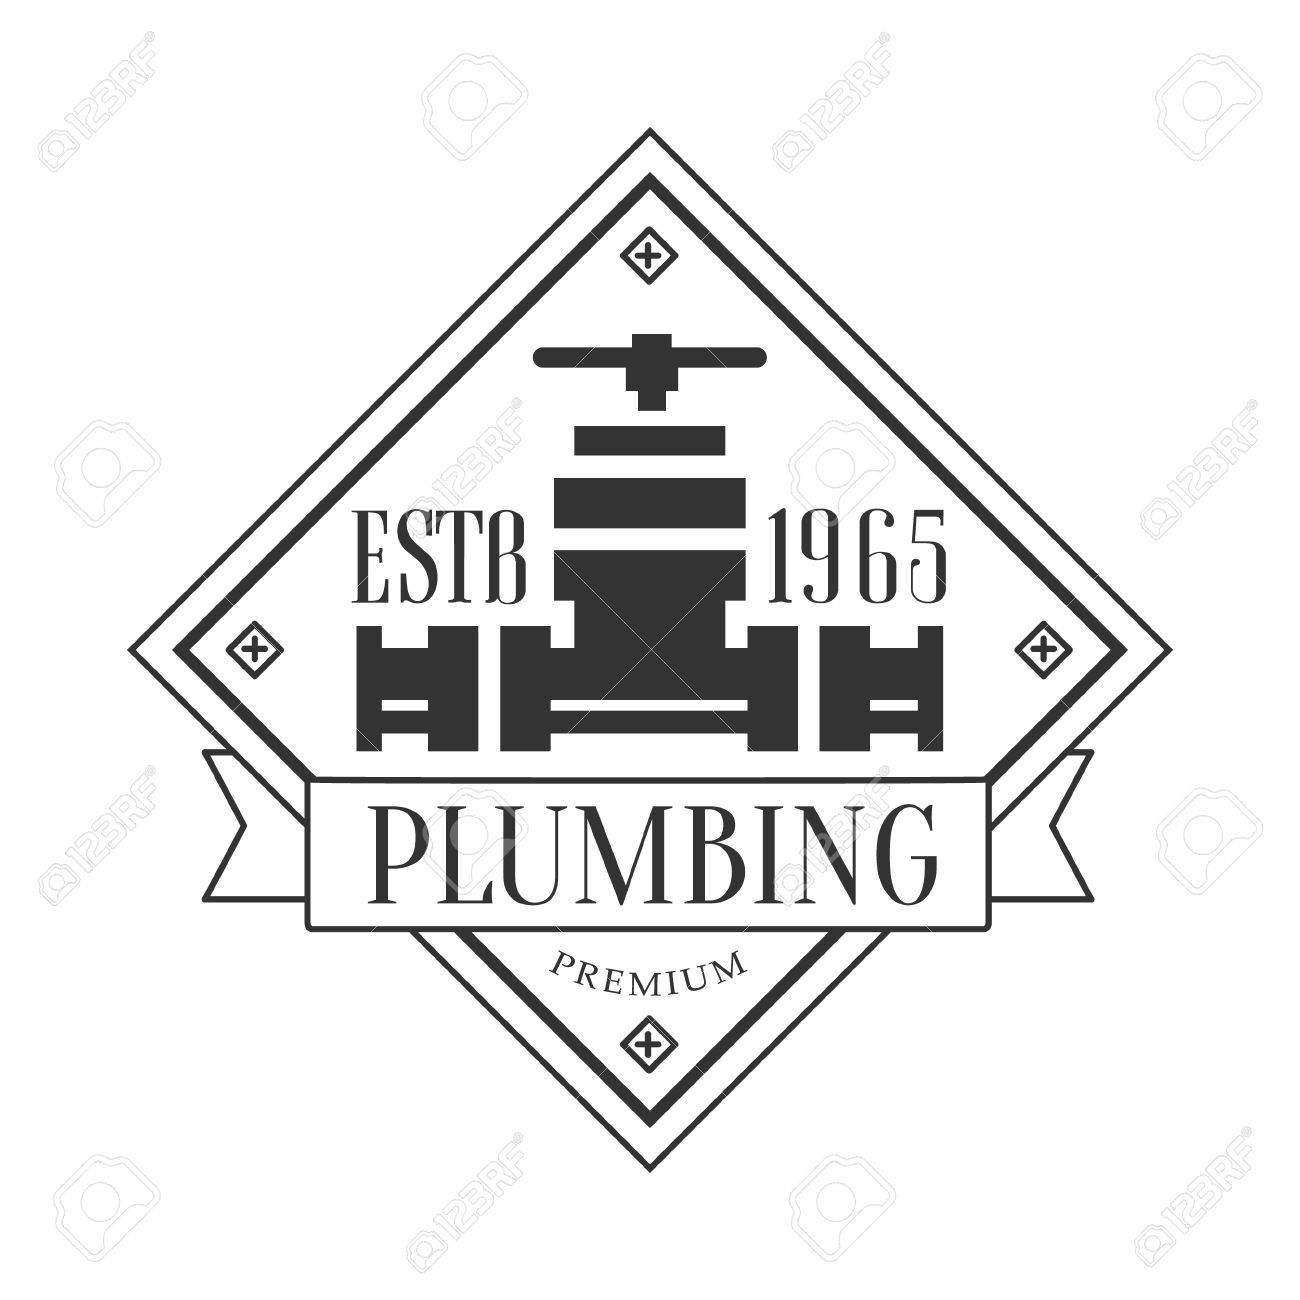 Servicio De Reparación Y Renovación De Plomería Premium Plantilla De ...